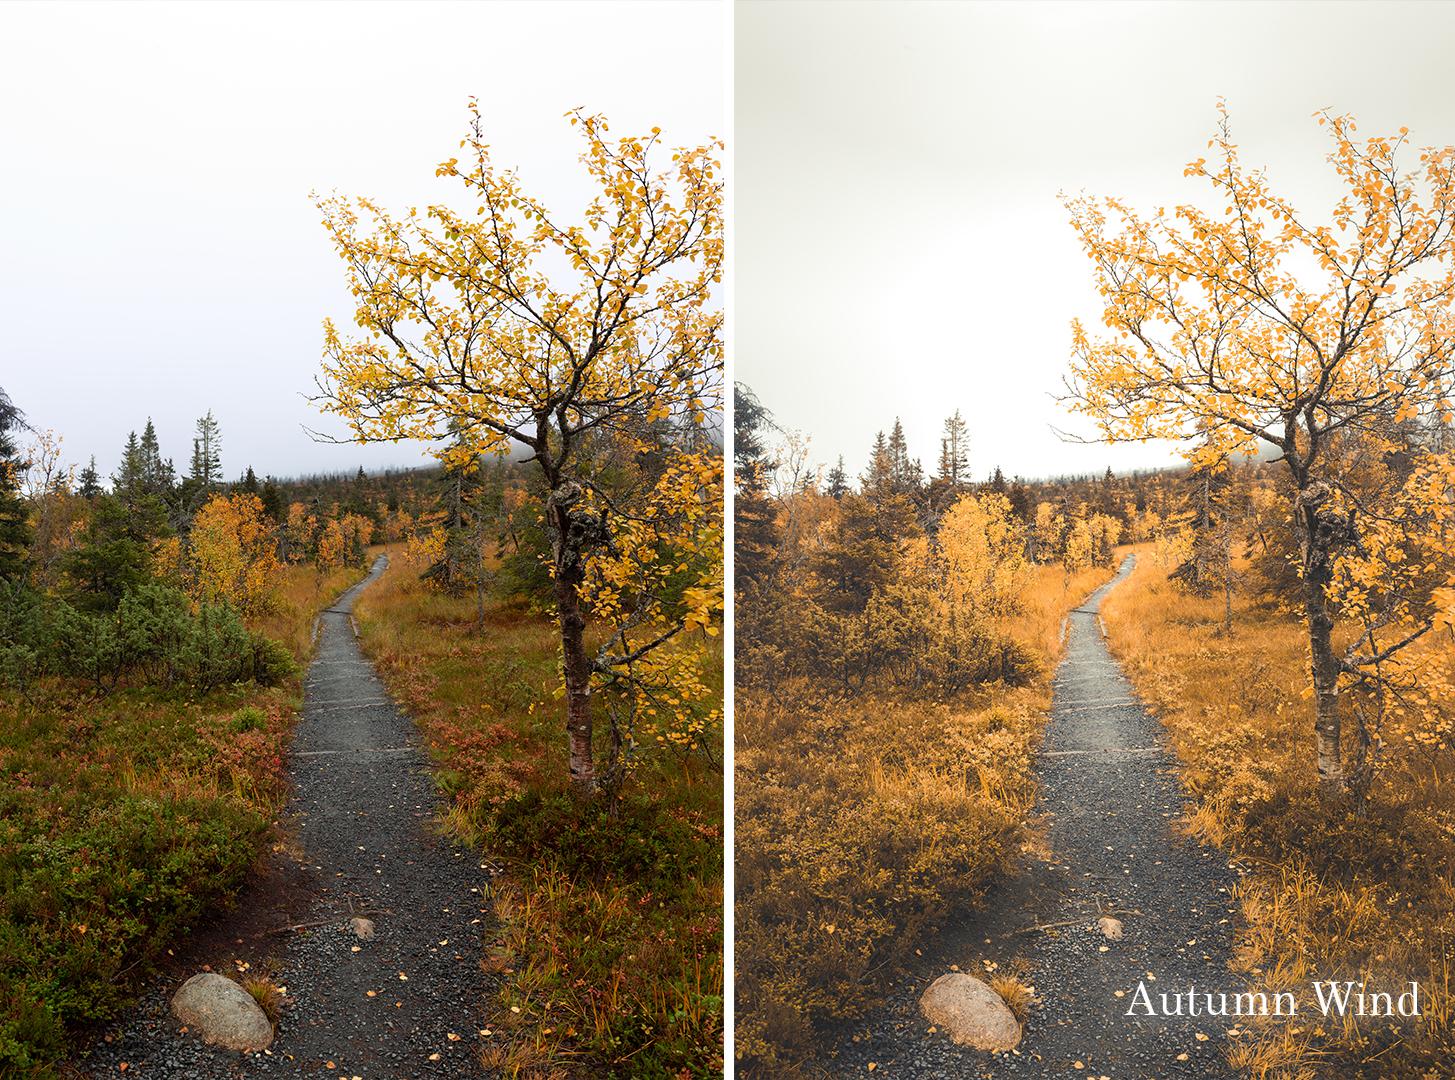 autumn wind.jpg